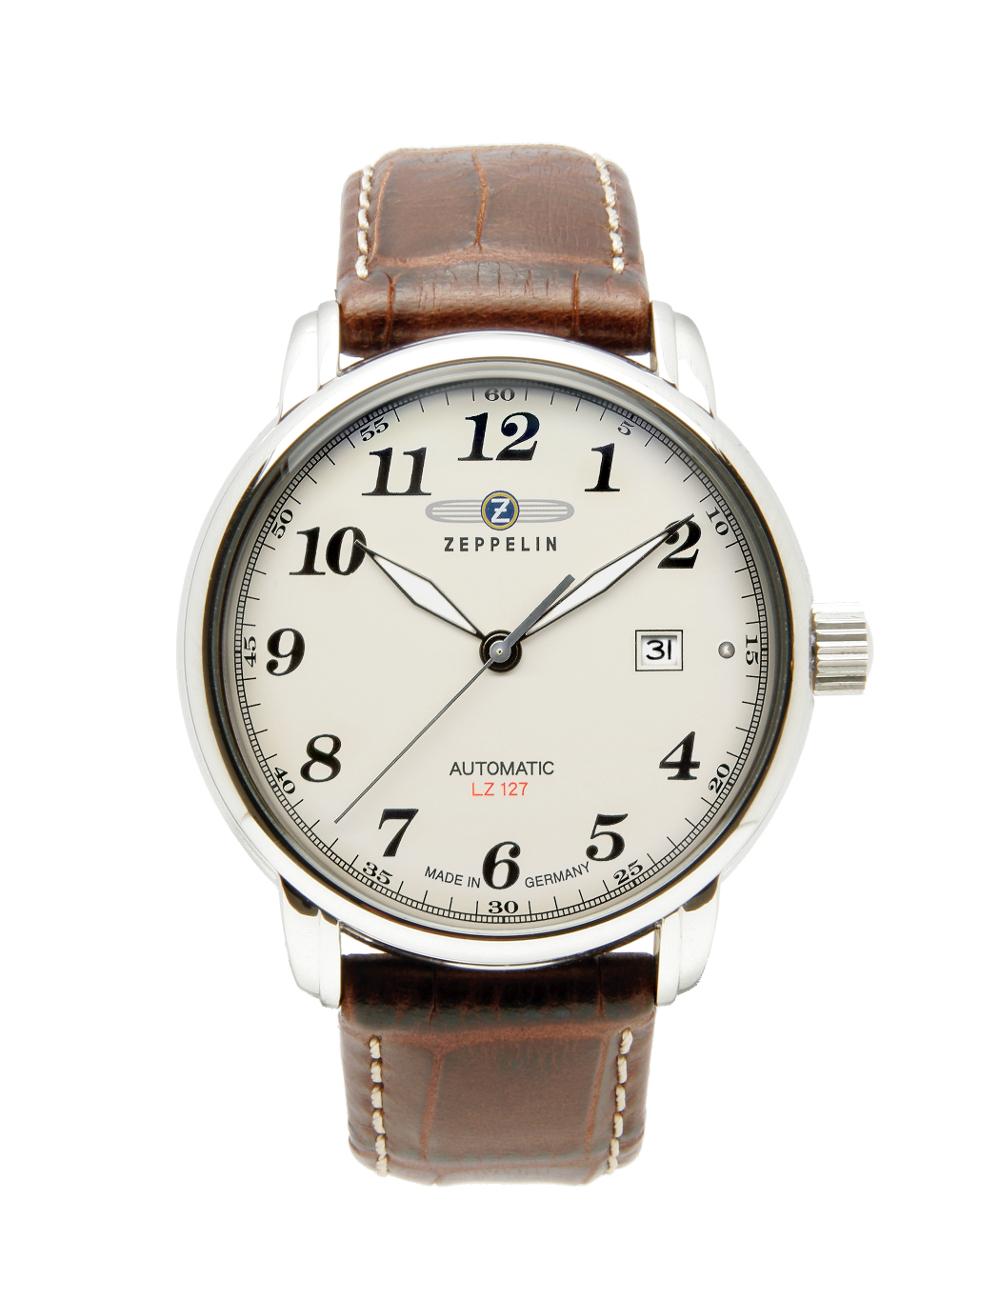 Damenuhren Uhren Kock Mechanische Uhren Online Kaufen